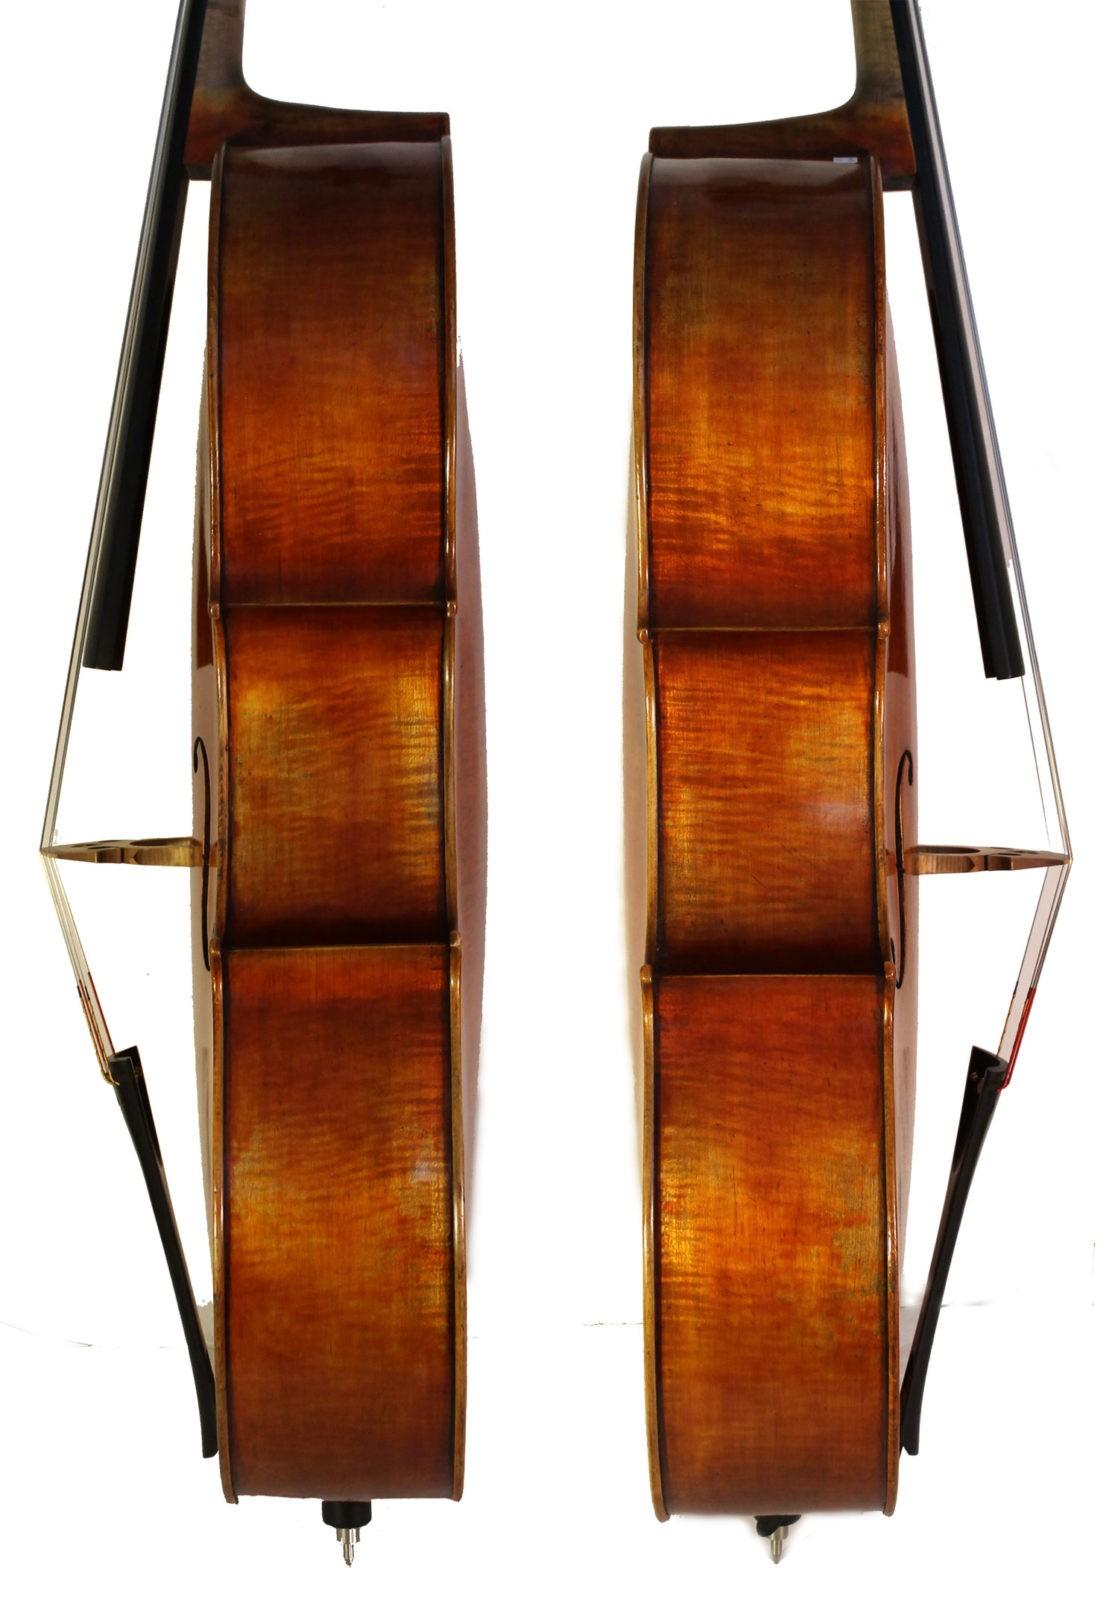 Leon Mougenot Gauche Cello - sides